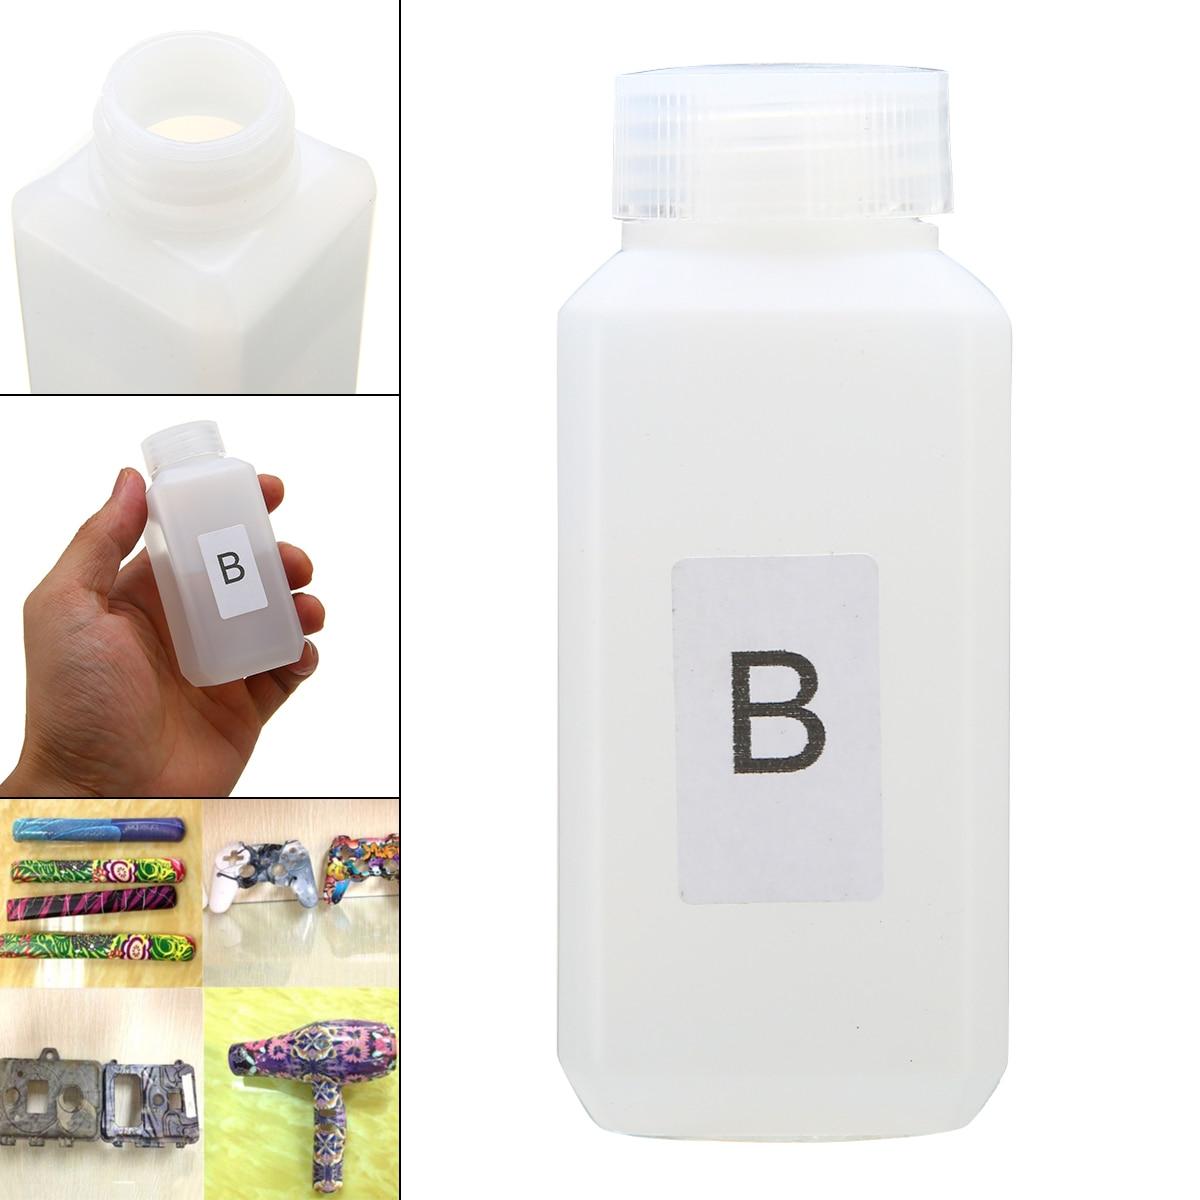 1 бутылка 50 мл, Активатор B Dip Water-transfer, пленочный активатор для переноса воды, пленка для печати